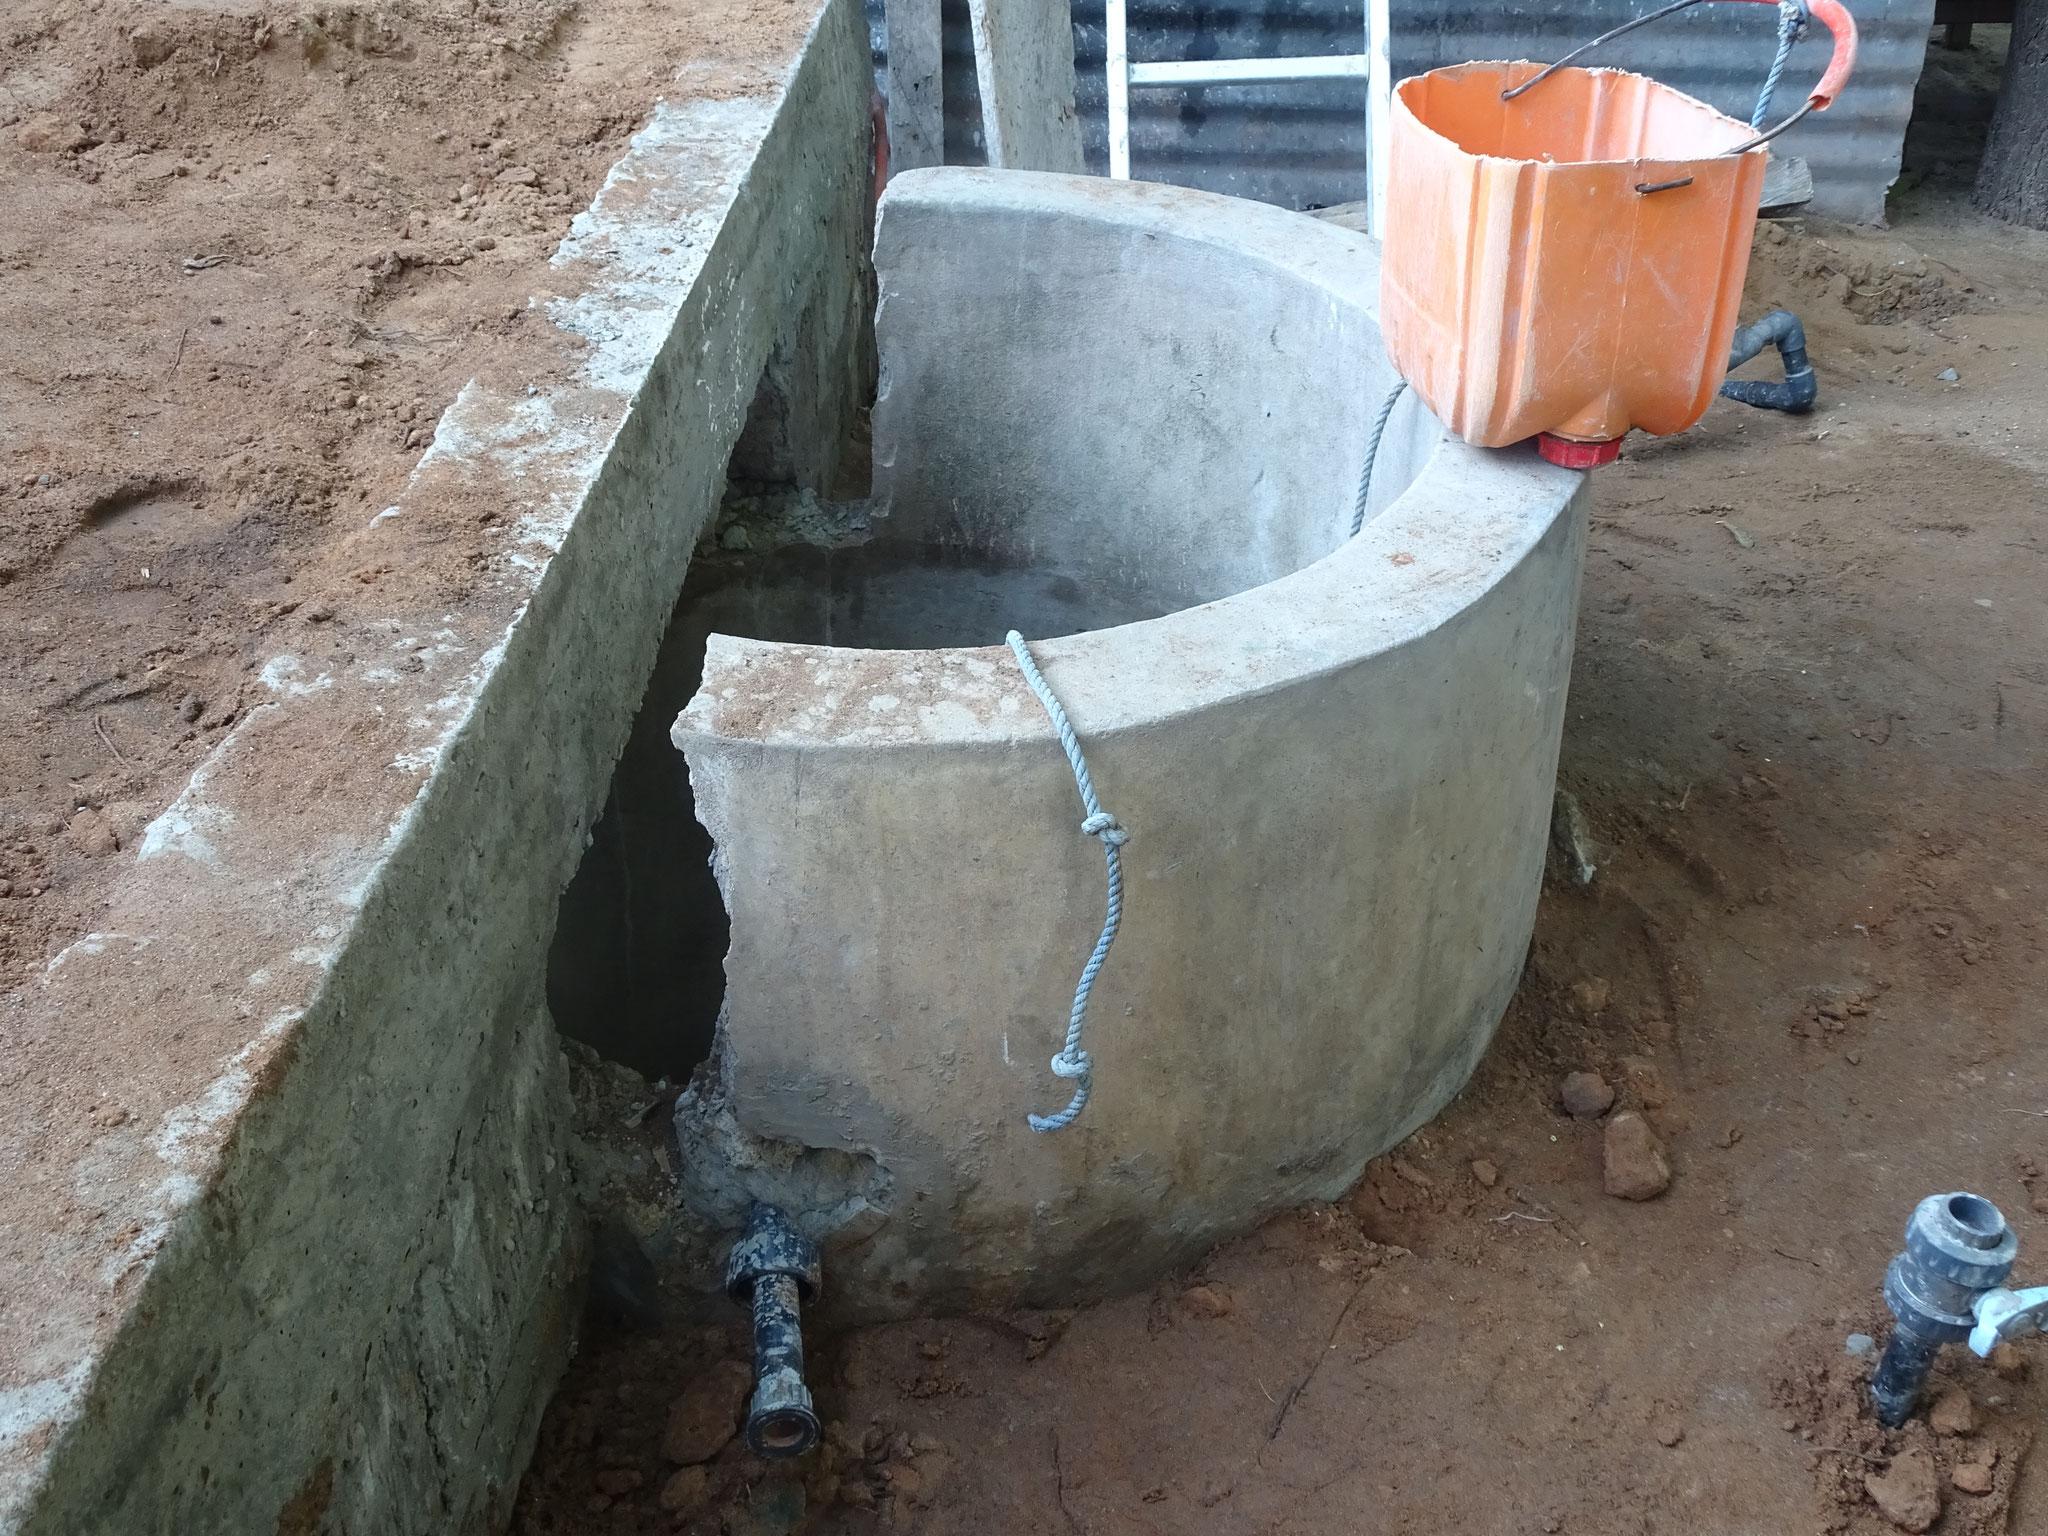 Die hälfte des  Brunnens wird durch den Hundezwinger verdeckt.